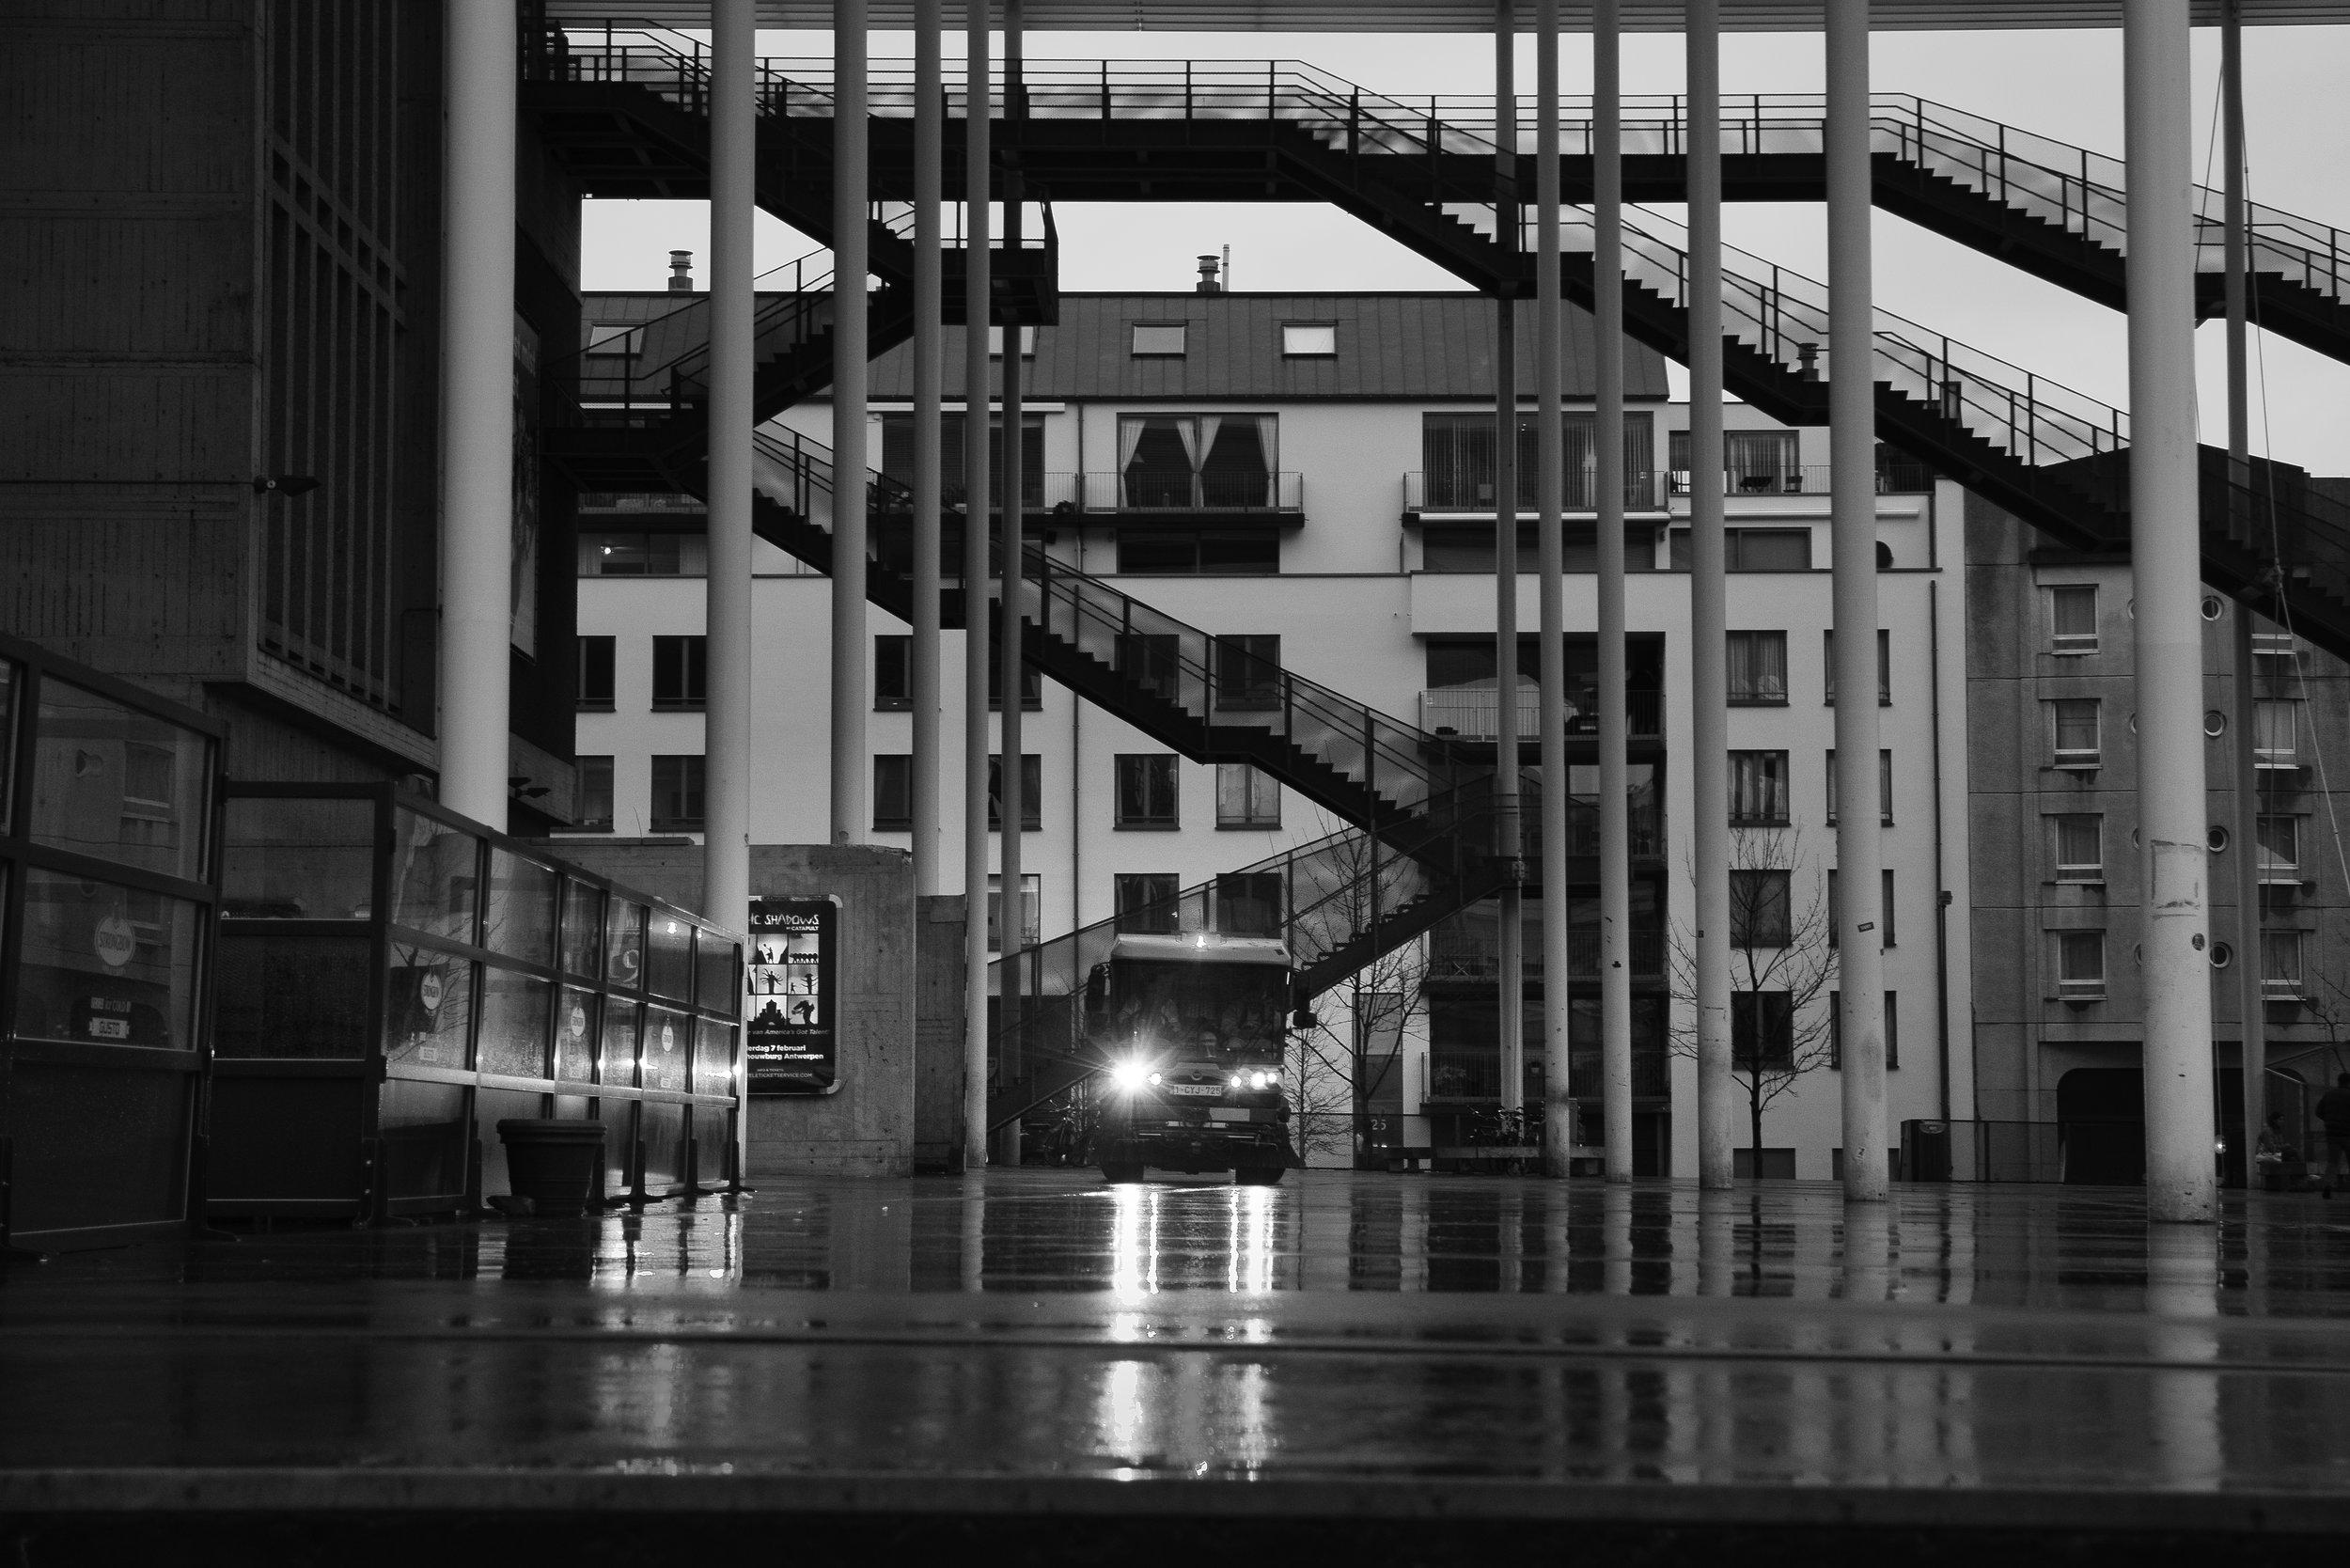 viewfinder_creativeboody_straatfotografie_antwerpen_opruimen-proper.jpg